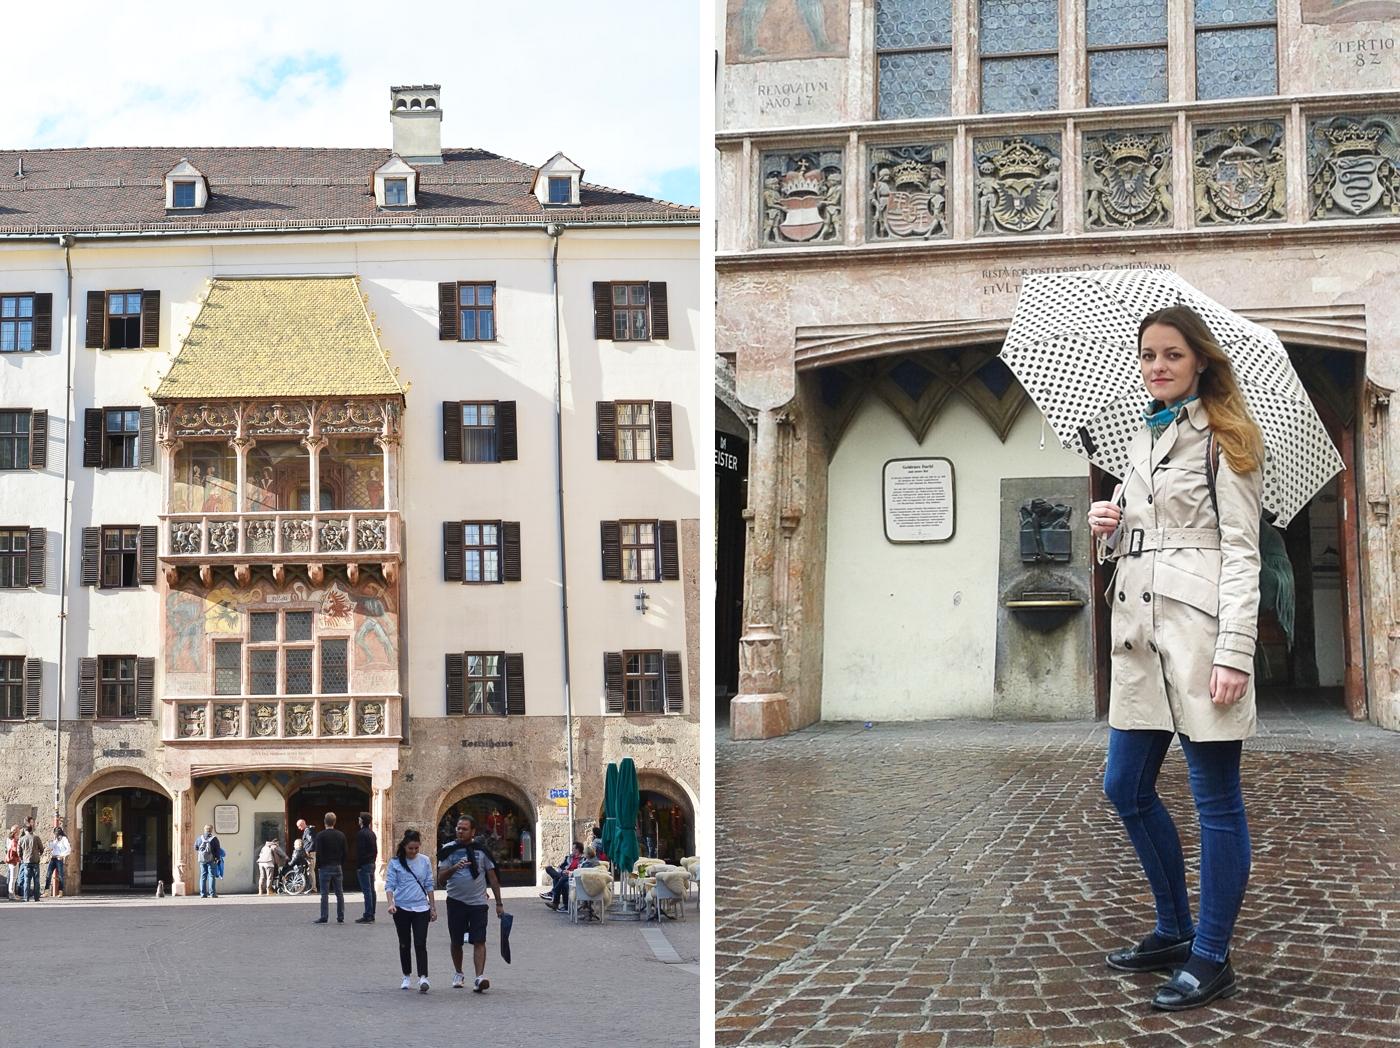 Innsbruck - Złoty dach (Goldenes dachl)